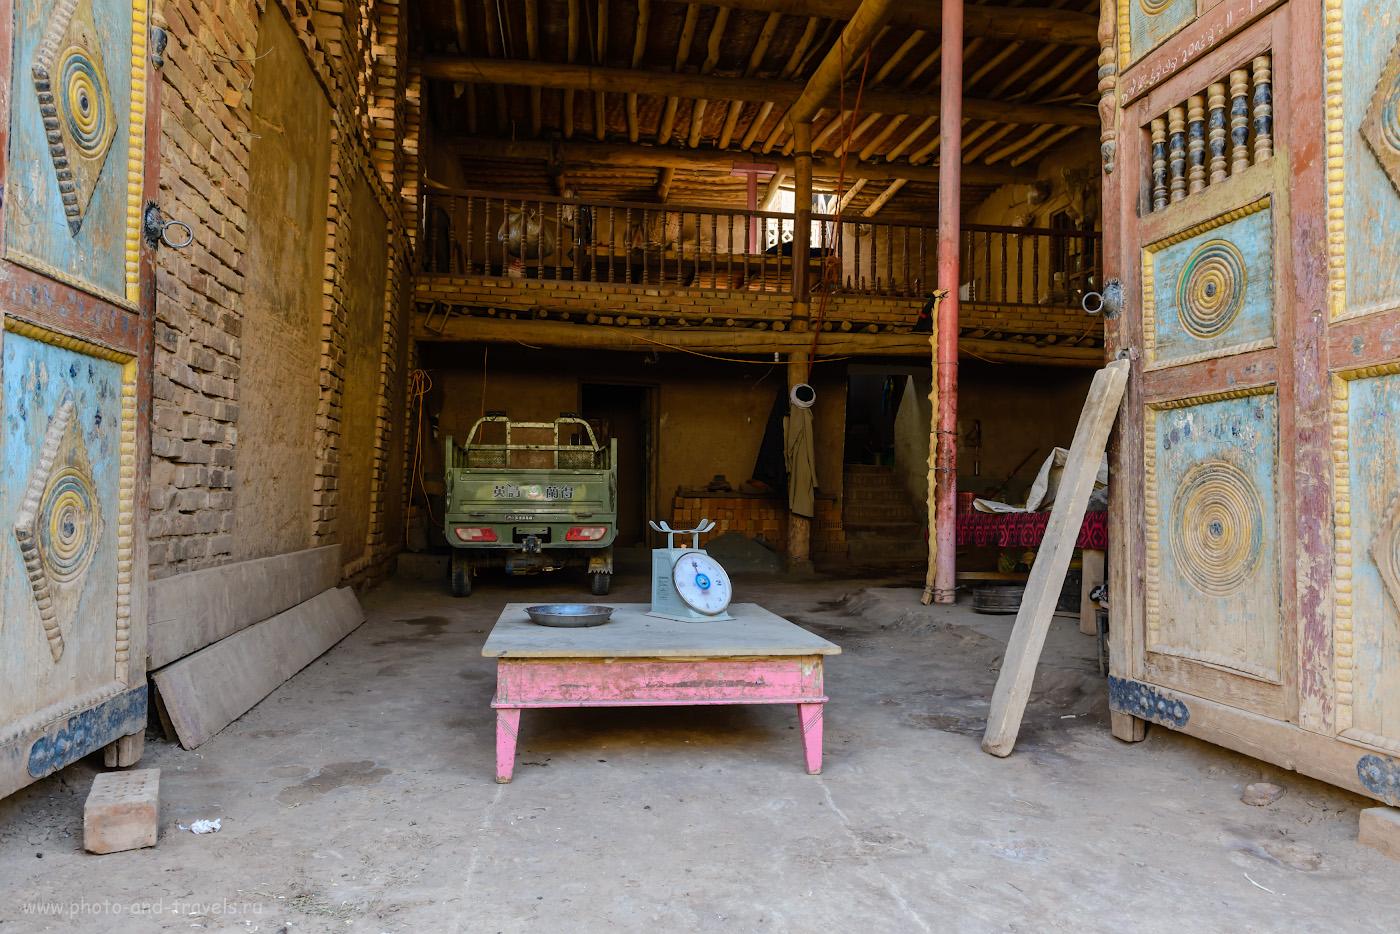 Фото 19. Так выглядит уйгурский дом изнутри. Прогулка по деревне Туюк-мазар. Экскурсия из Урумчи. 1/50, +1.33, 8.0, 900, 24.